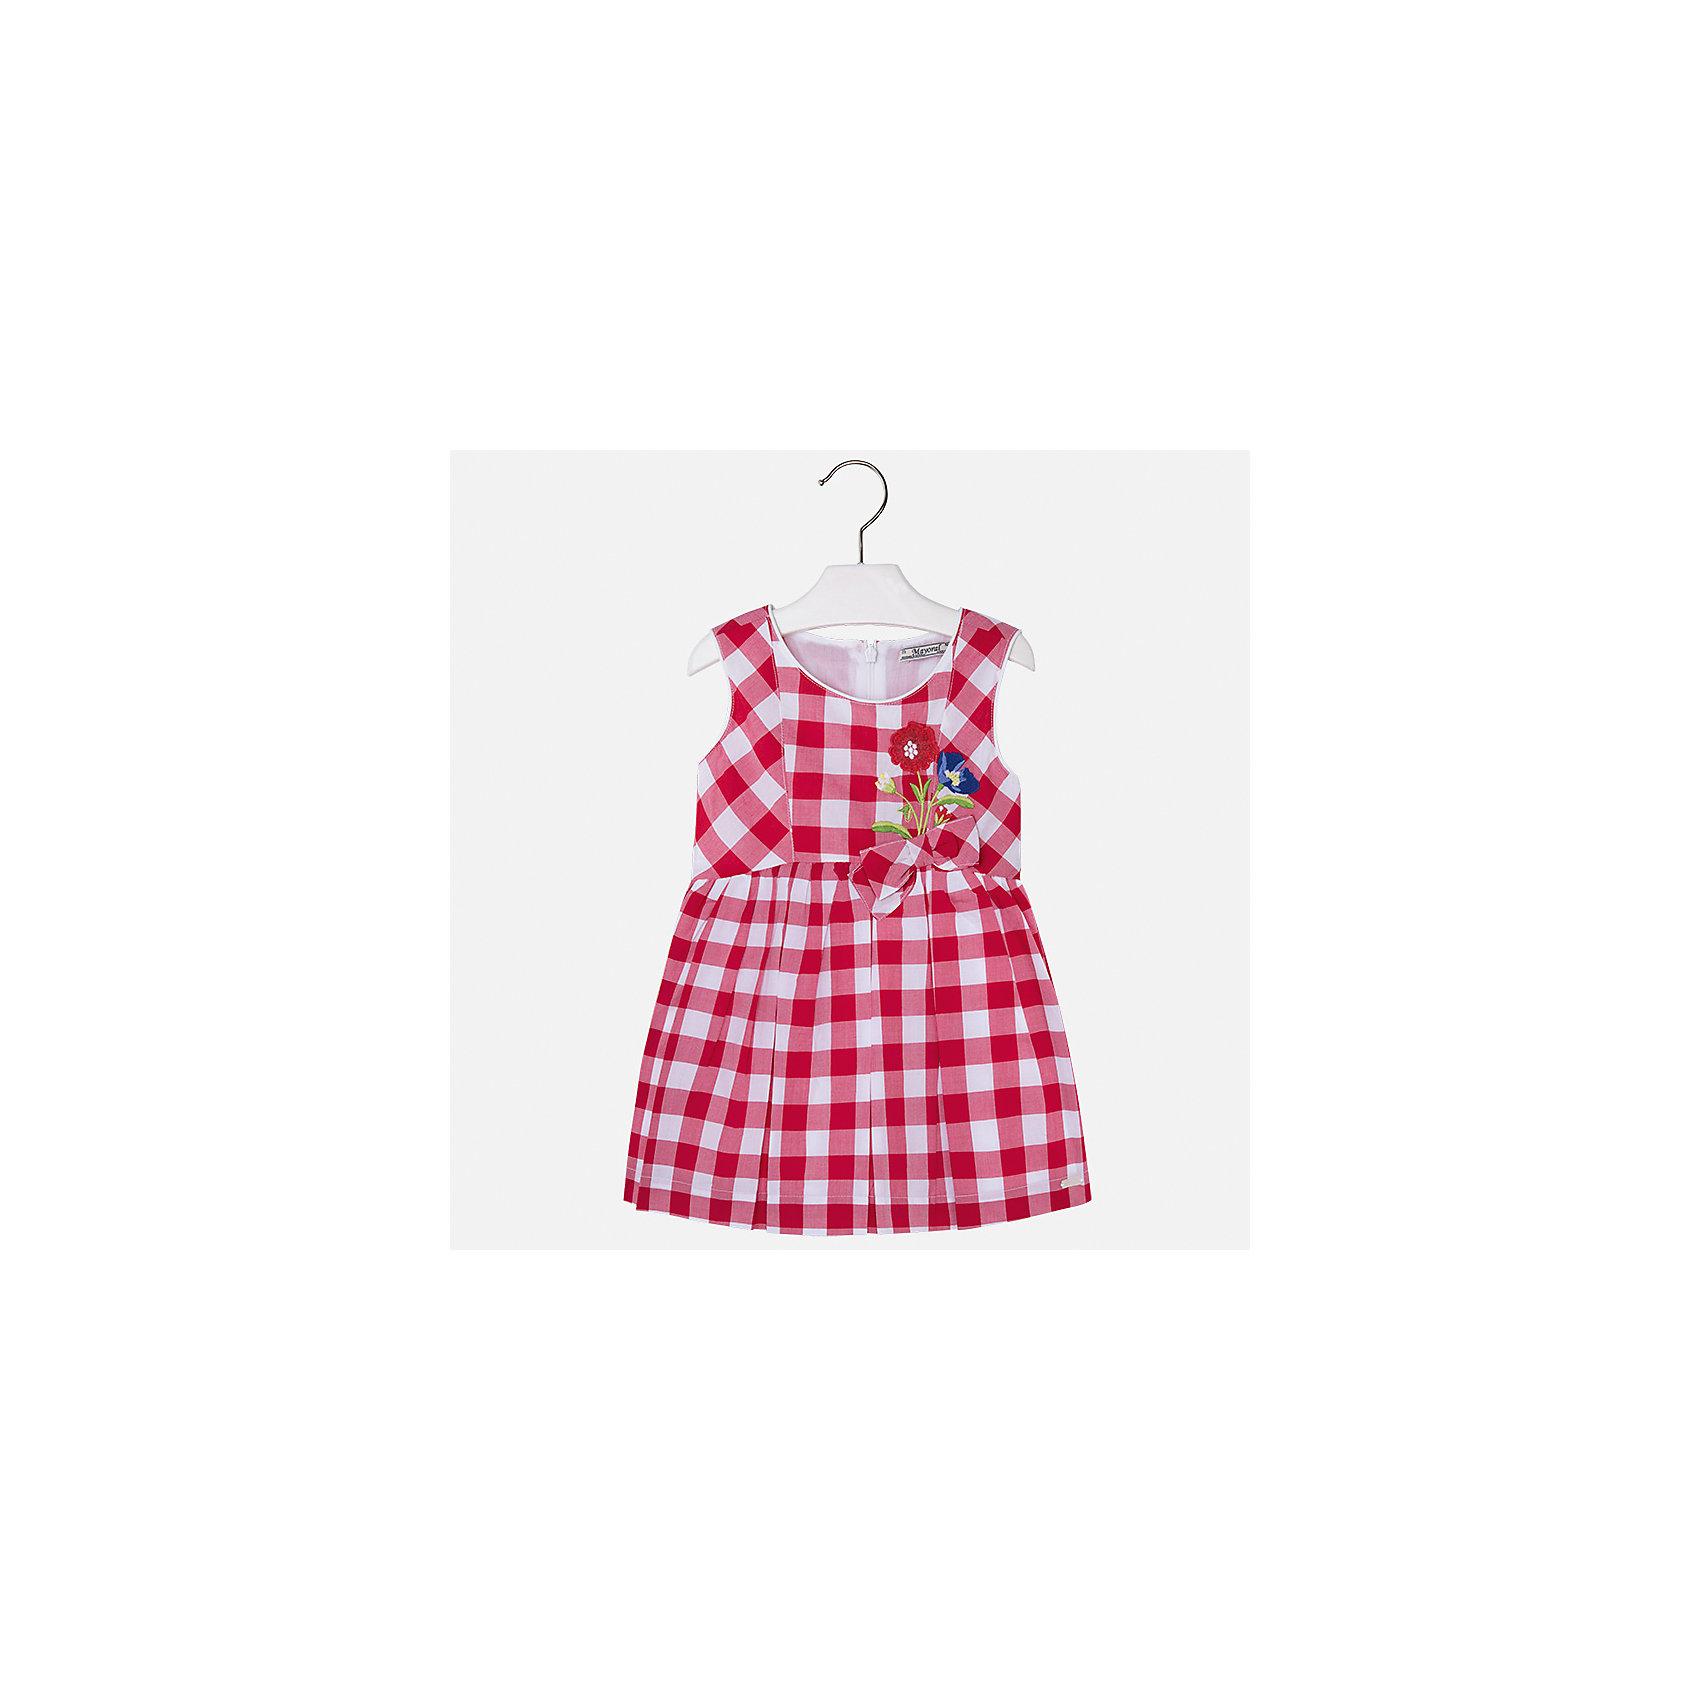 Платье для девочки MayoralХарактеристики товара:<br><br>• цвет: красная клетка<br>• состав: 100% хлопок, подкладка - 100% хлопок<br>• застежка: молния<br>• в клетку<br>• украшено вышивкой и бантом<br>• без рукавов<br>• с подкладкой<br>• страна бренда: Испания<br><br>Модное красивое платье для девочки поможет разнообразить гардероб ребенка и создать эффектный наряд. Оно отлично подойдет для торжественных случаев или на каждый день. Красивый оттенок позволяет подобрать к вещи обувь разных расцветок. В составе материала подкладки - натуральный хлопок, гипоаллергенный, приятный на ощупь, дышащий. Платье хорошо сидит по фигуре.<br><br>Одежда, обувь и аксессуары от испанского бренда Mayoral полюбились детям и взрослым по всему миру. Модели этой марки - стильные и удобные. Для их производства используются только безопасные, качественные материалы и фурнитура. Порадуйте ребенка модными и красивыми вещами от Mayoral! <br><br>Платье для девочки от испанского бренда Mayoral (Майорал) можно купить в нашем интернет-магазине.<br><br>Ширина мм: 236<br>Глубина мм: 16<br>Высота мм: 184<br>Вес г: 177<br>Цвет: красный<br>Возраст от месяцев: 18<br>Возраст до месяцев: 24<br>Пол: Женский<br>Возраст: Детский<br>Размер: 92,116,98,104,110<br>SKU: 5291313